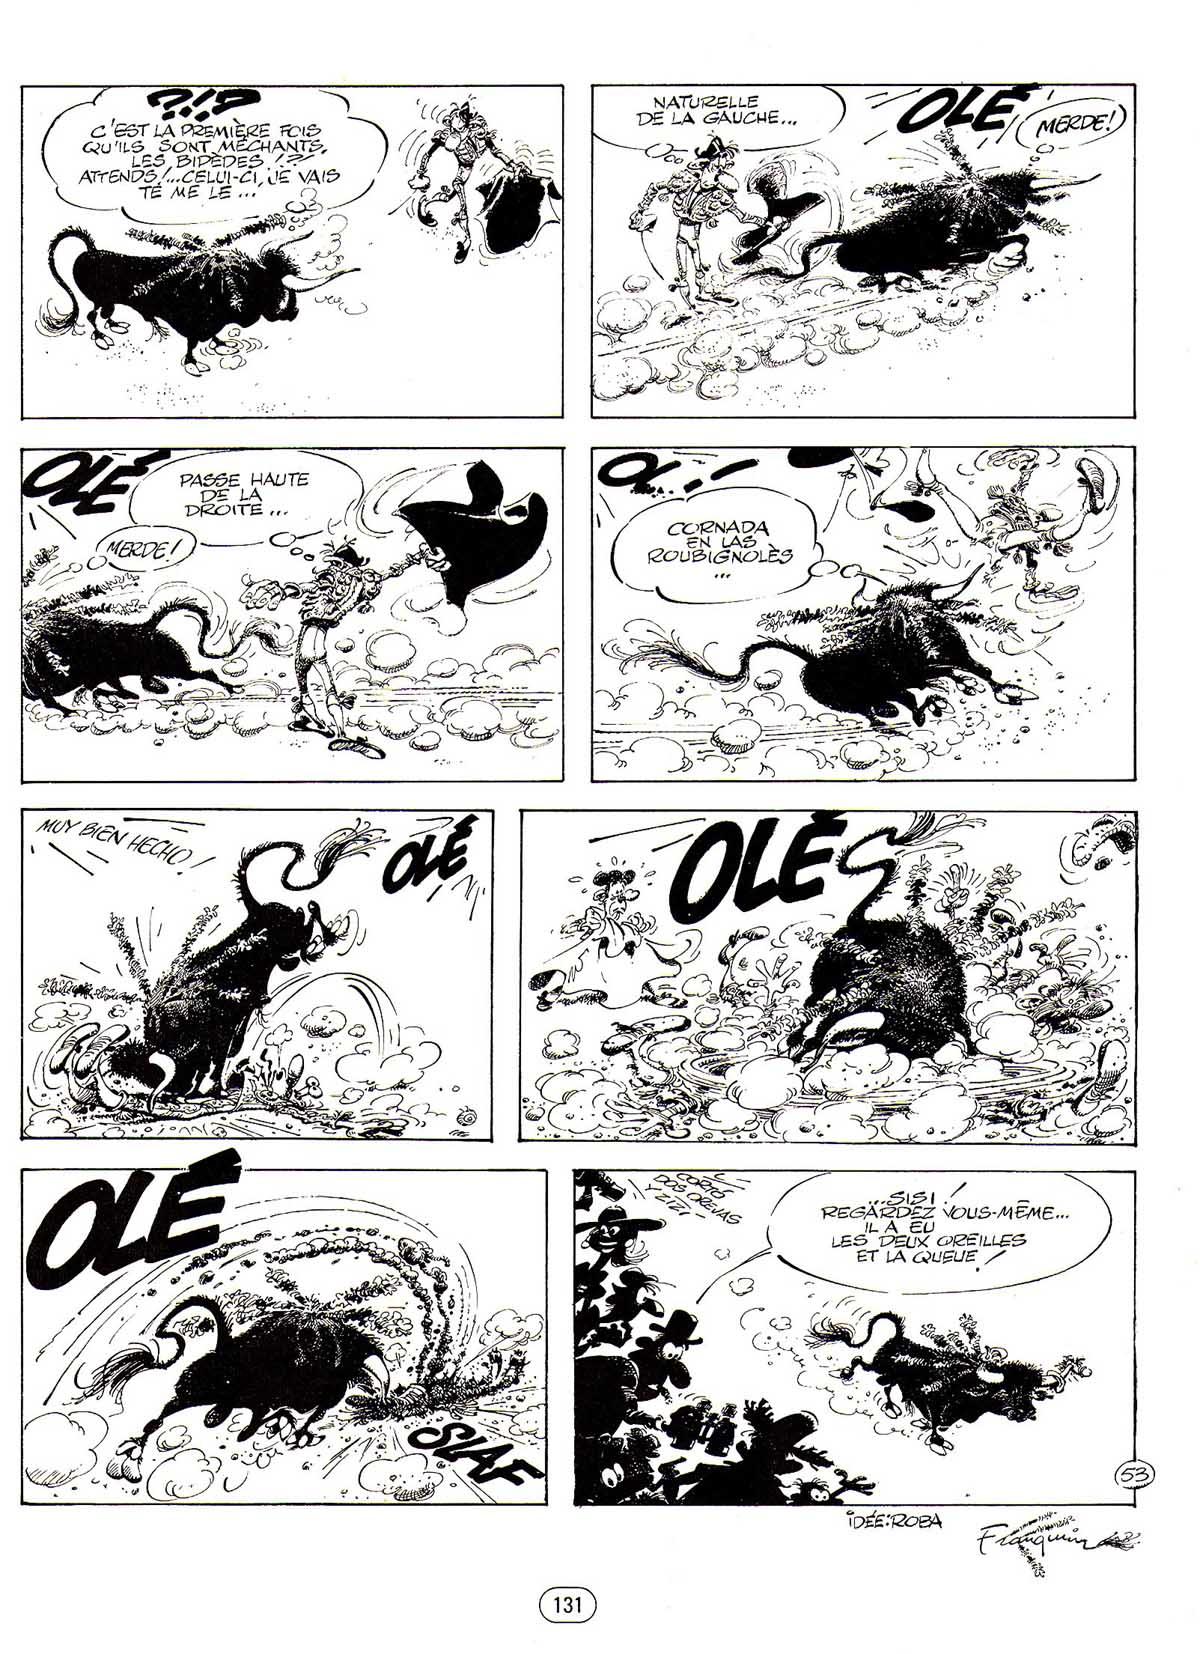 Una obra maestra y cara oscura de un genio, Idées noires (Ideas negras) de  Franquin, el creador de Gaston Lagaffe